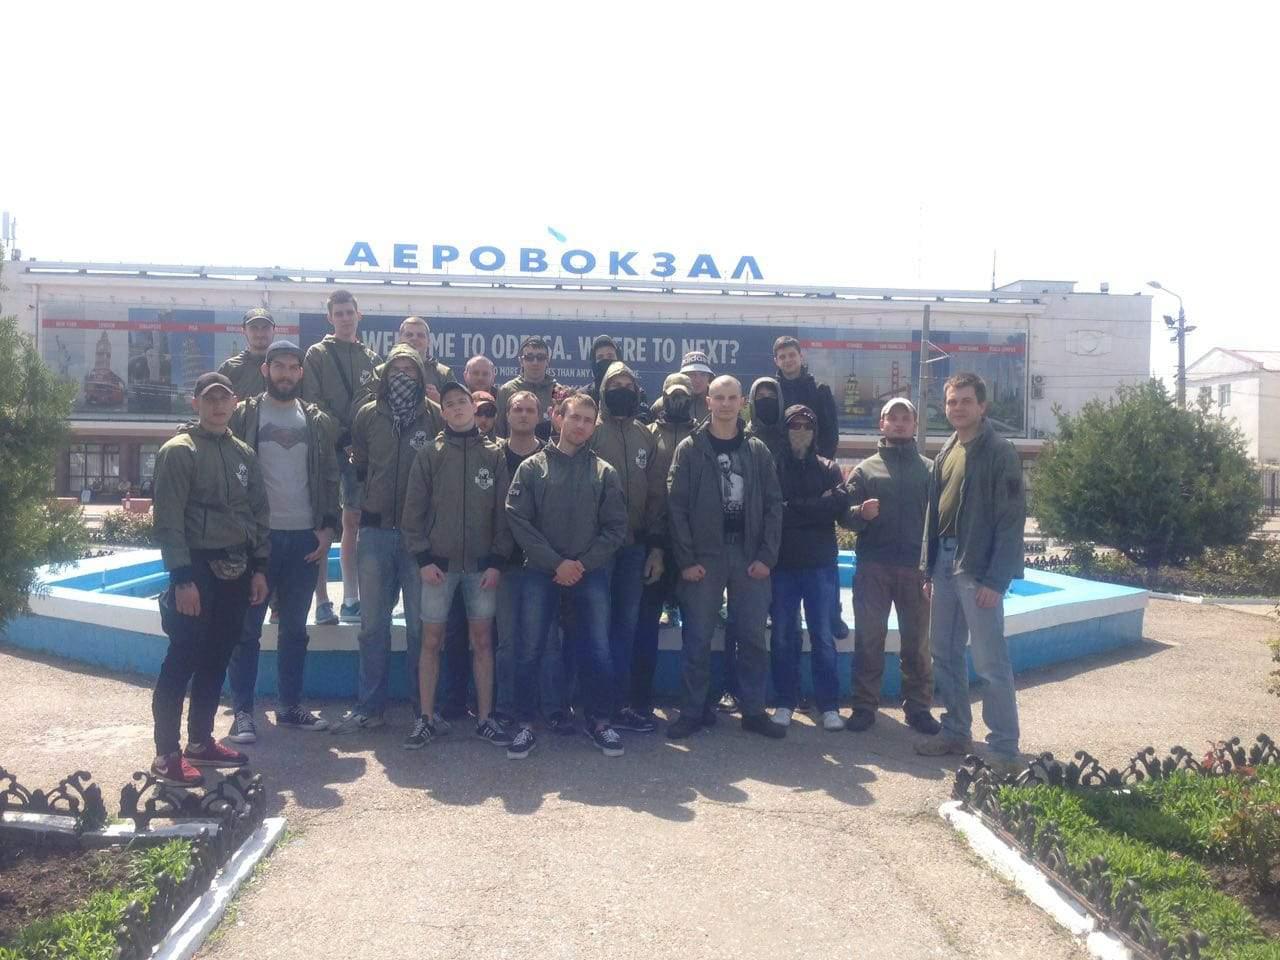 В Одессе праворадикалы  приехали в аэропорт «встречать» депутата от Оппоблока (видео)